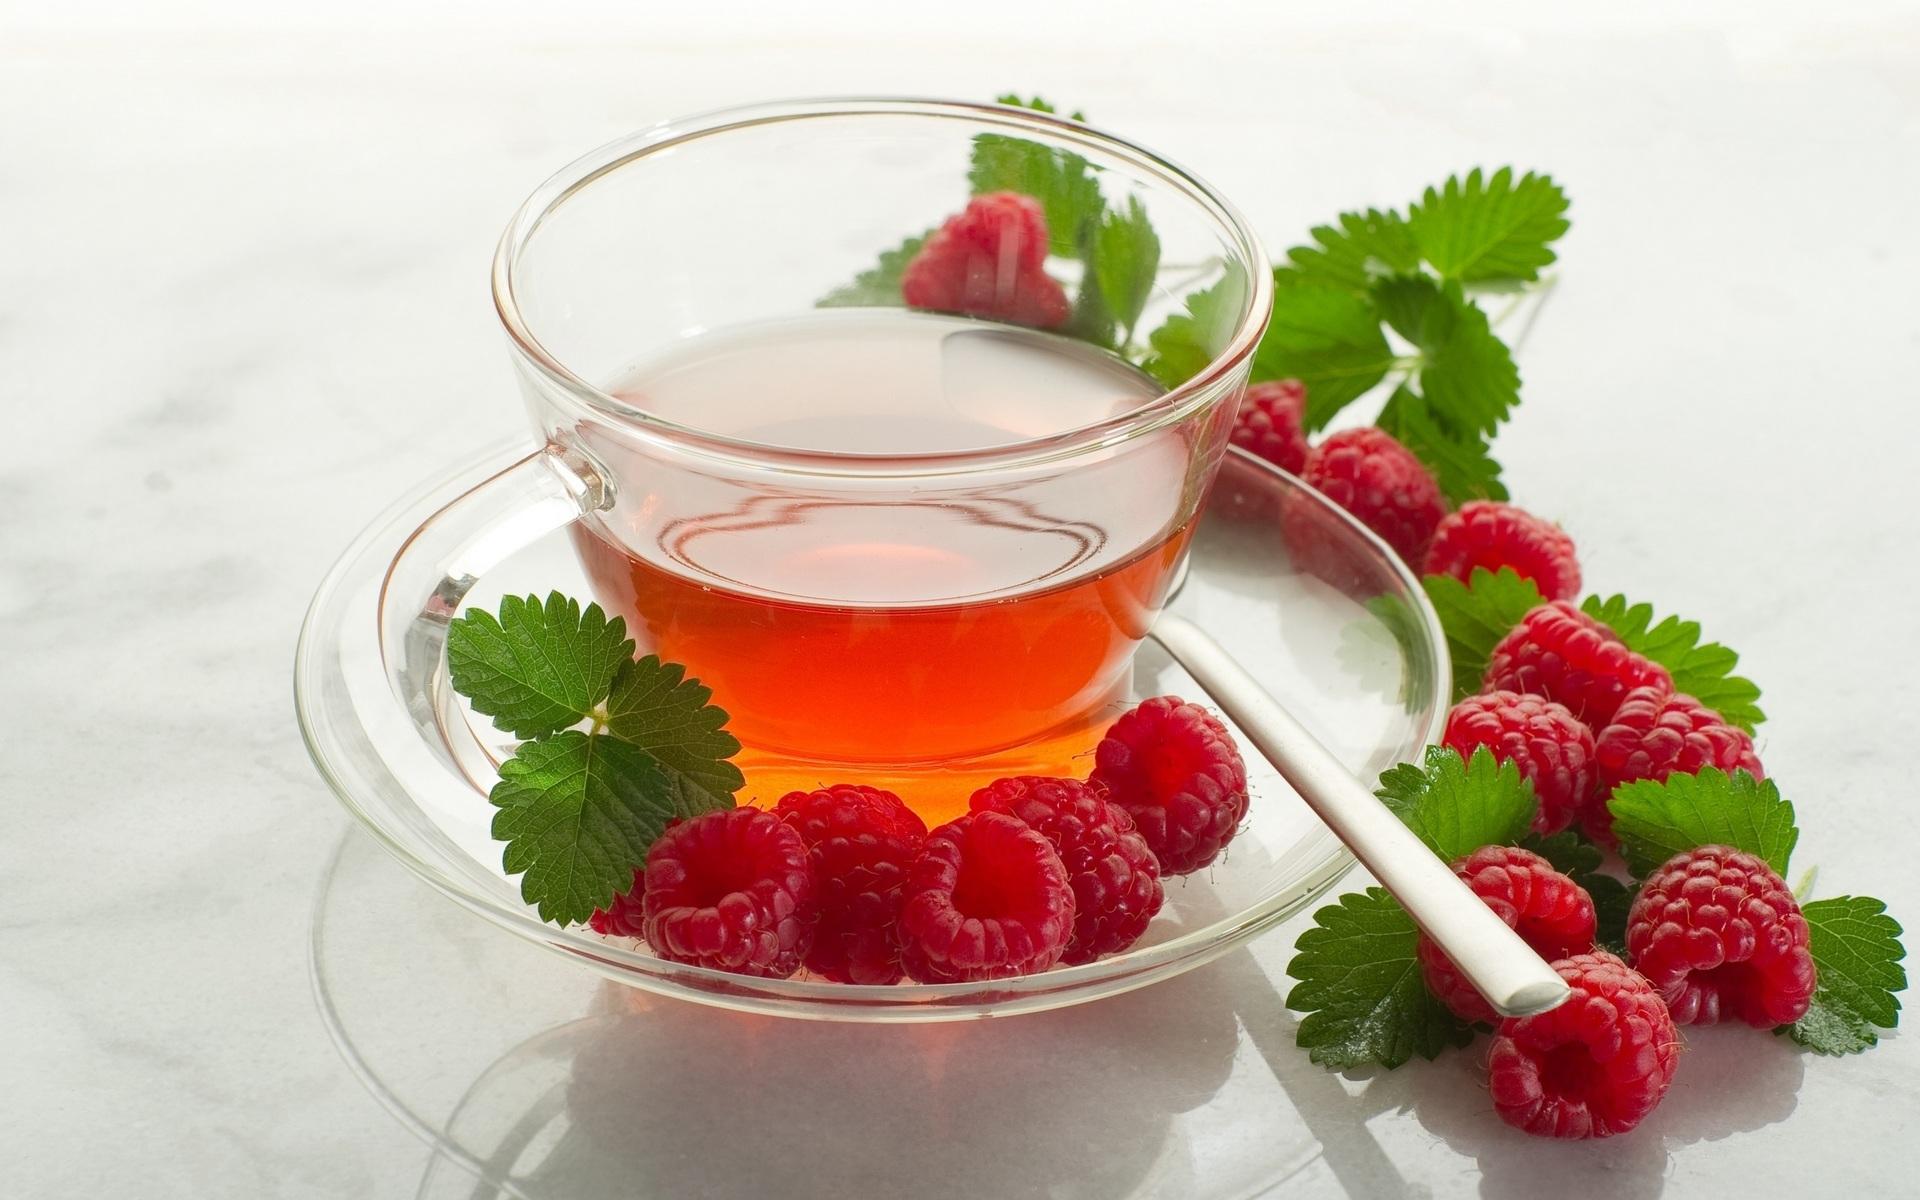 Чай с малиновыми ягодами